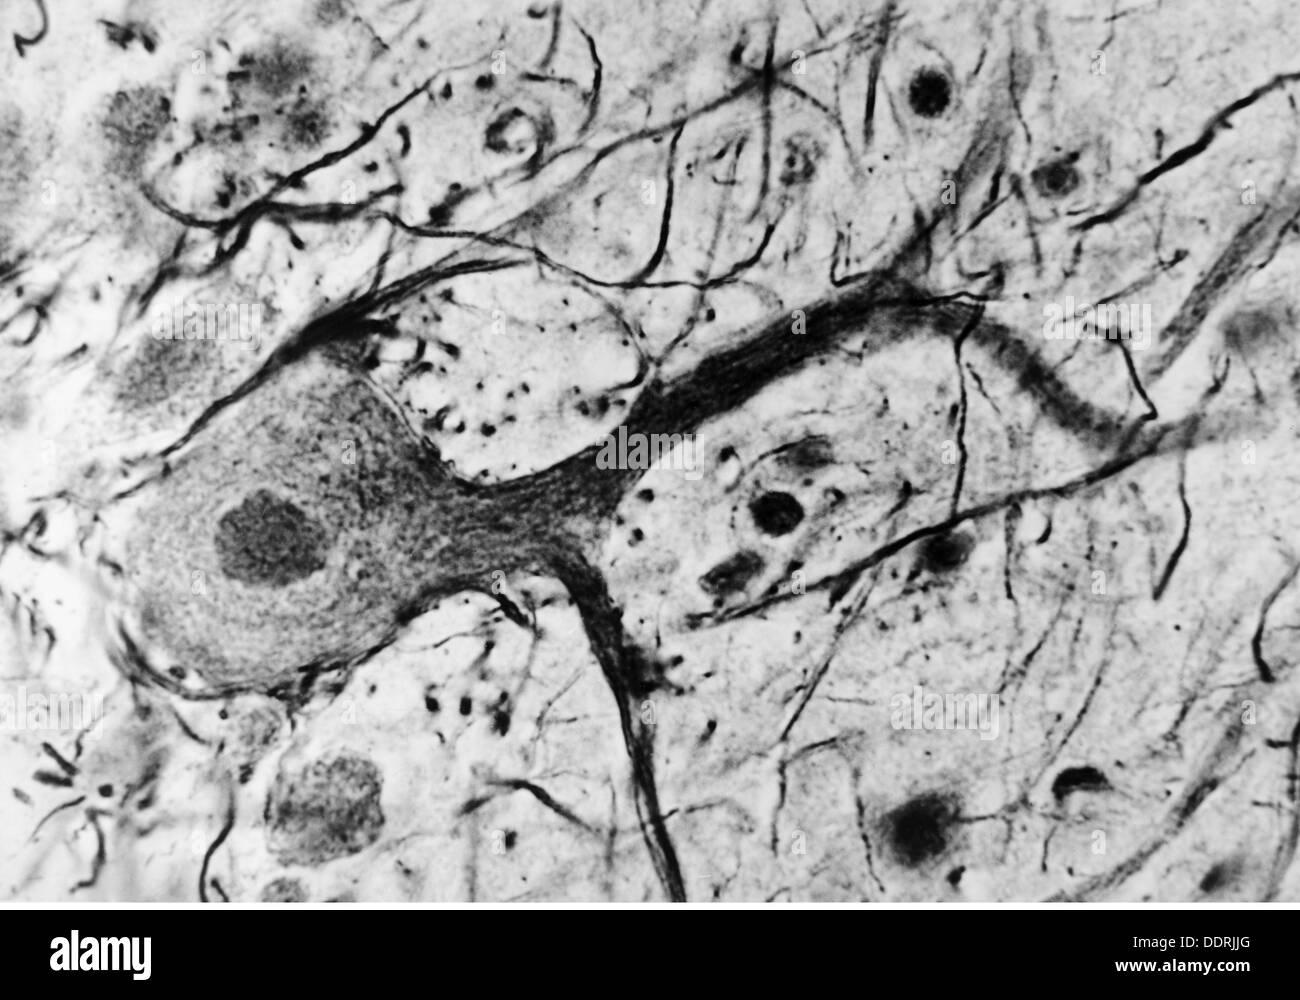 Medizin, Anatomie, cerebric/cranium, Nervenzellen des menschlichen ...